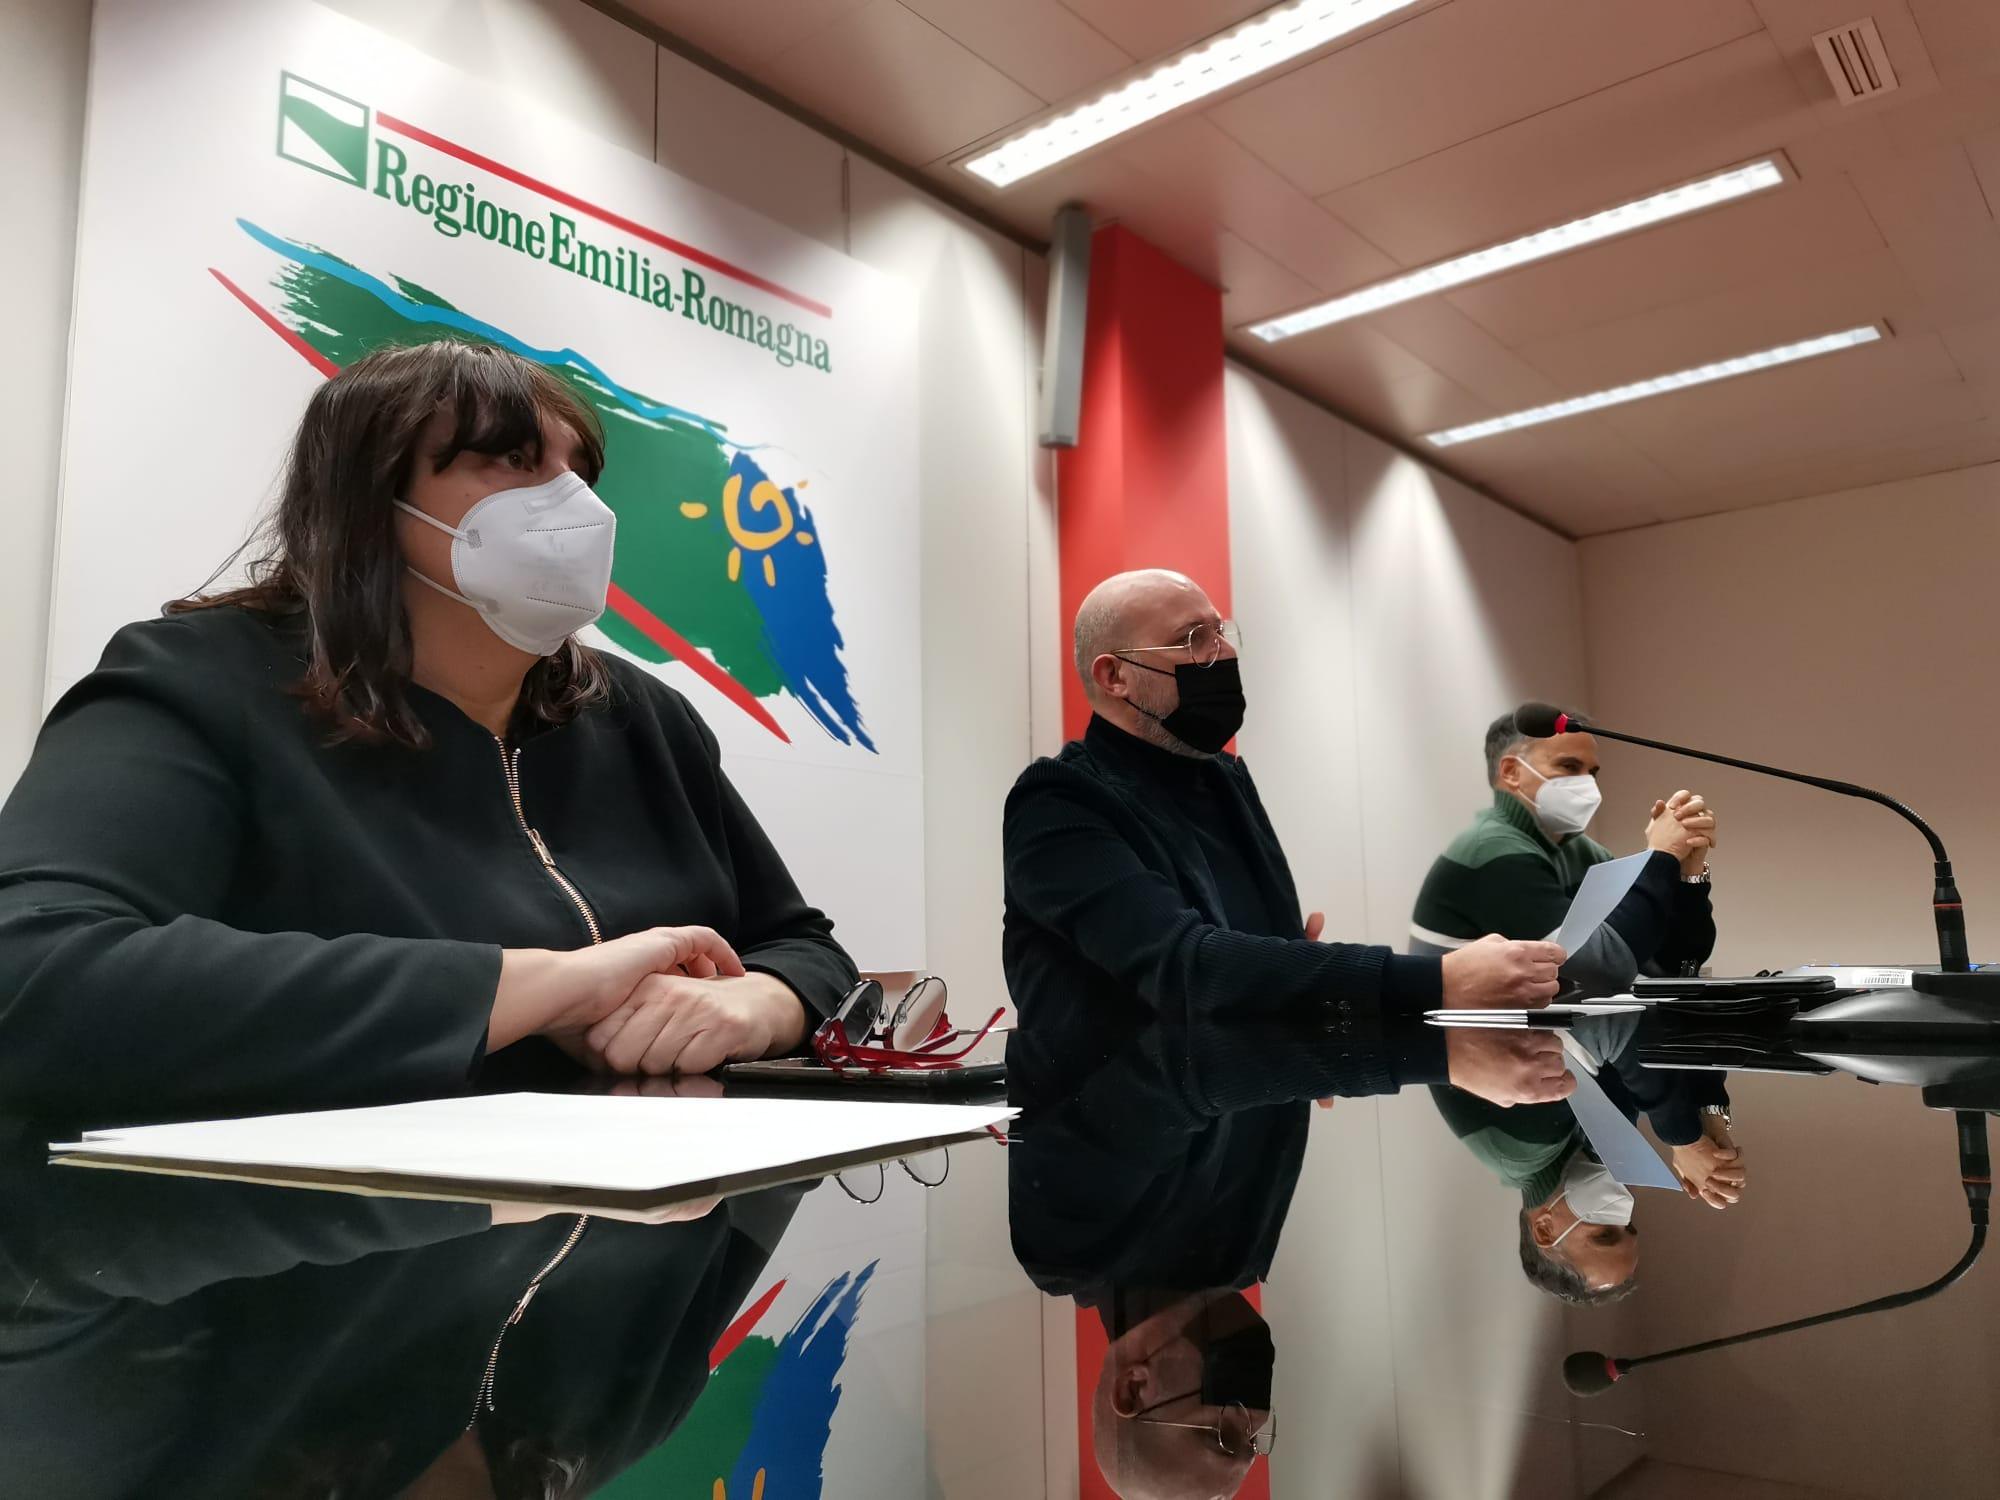 conferenza stampa con il presidente Stefano Bonaccini e gli assessori Paola Salomoni (Scuola) e Andrea Corsini (Trasporti)